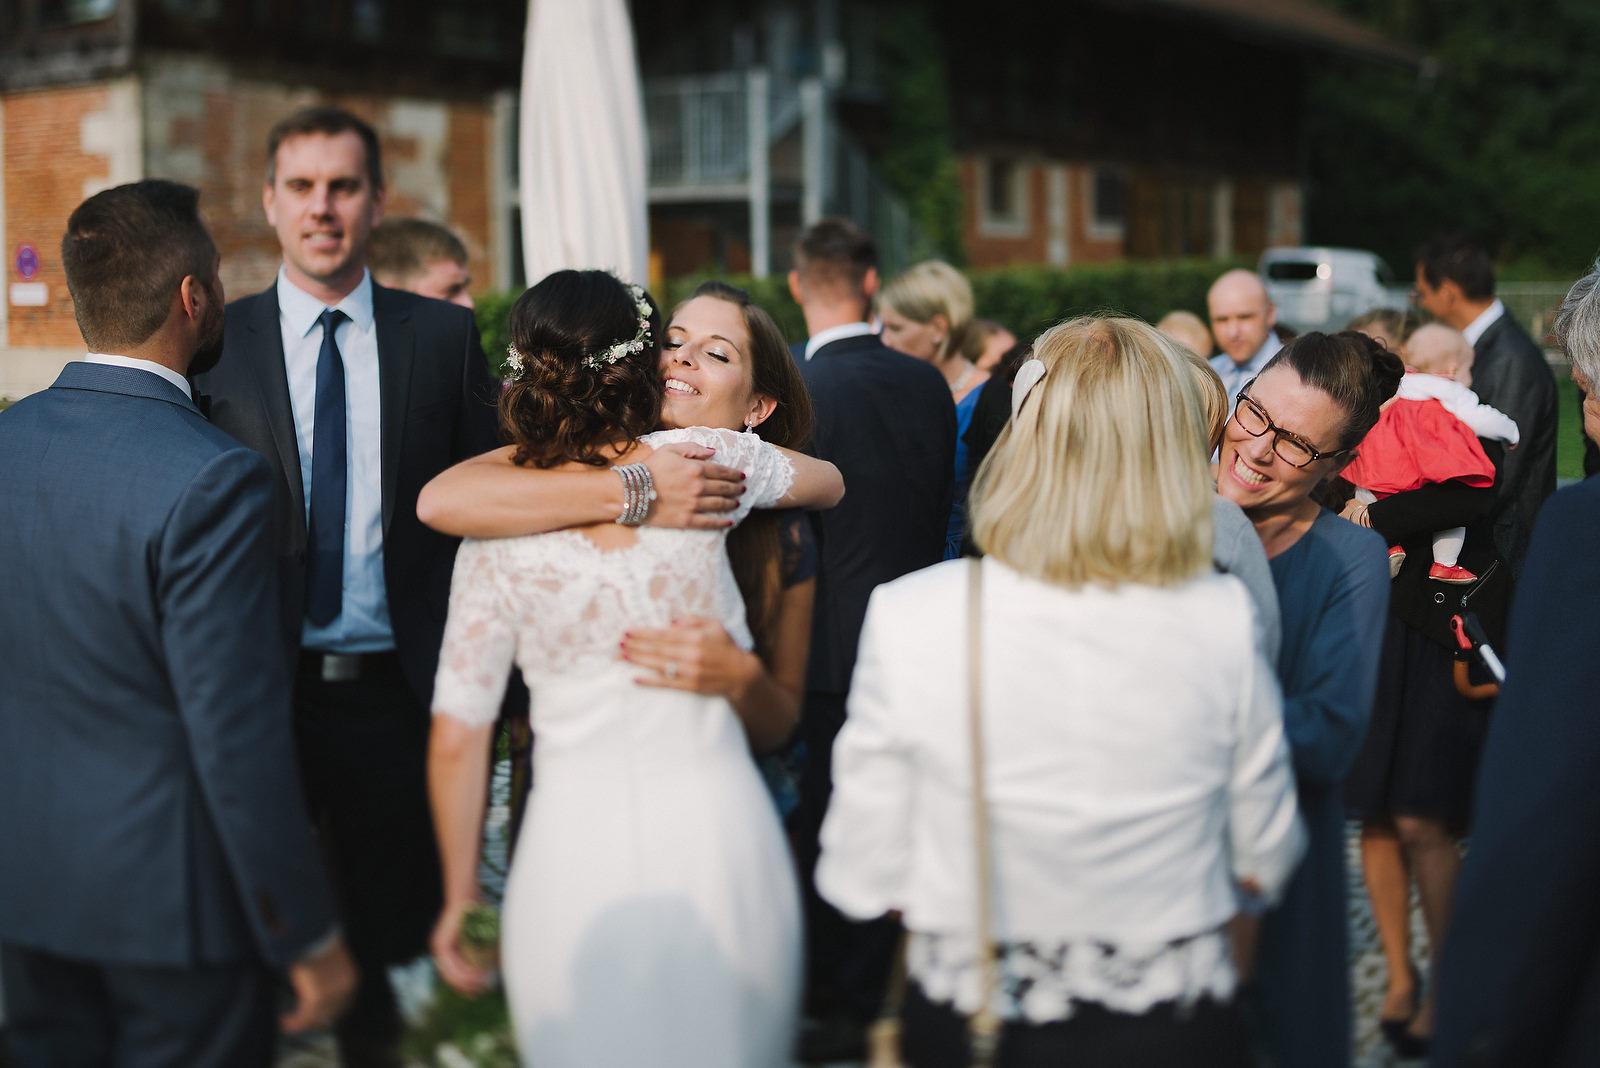 Fotograf Konstanz - Hochzeitsfotograf Reutlingen Achalm Hochzeit EFP 68 - Documentary wedding story on the Achalm, Reutlingen  - 53 -